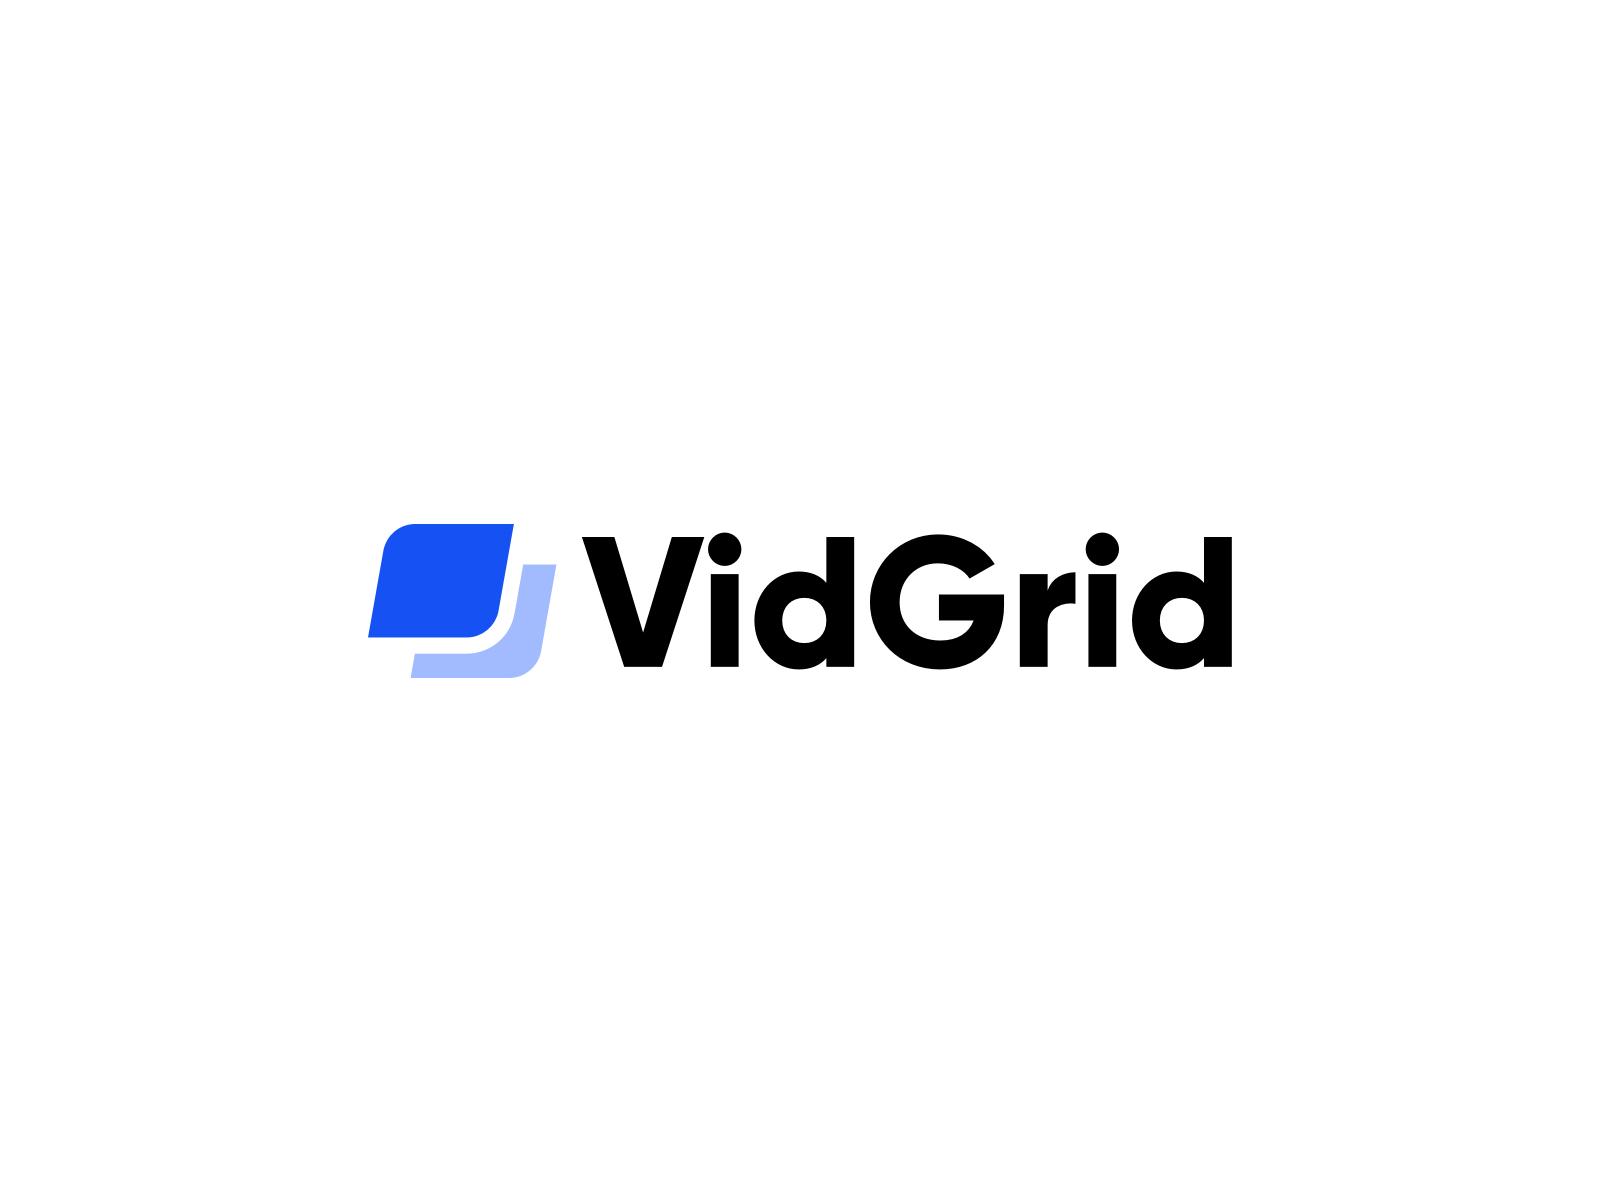 Vidgrid logo